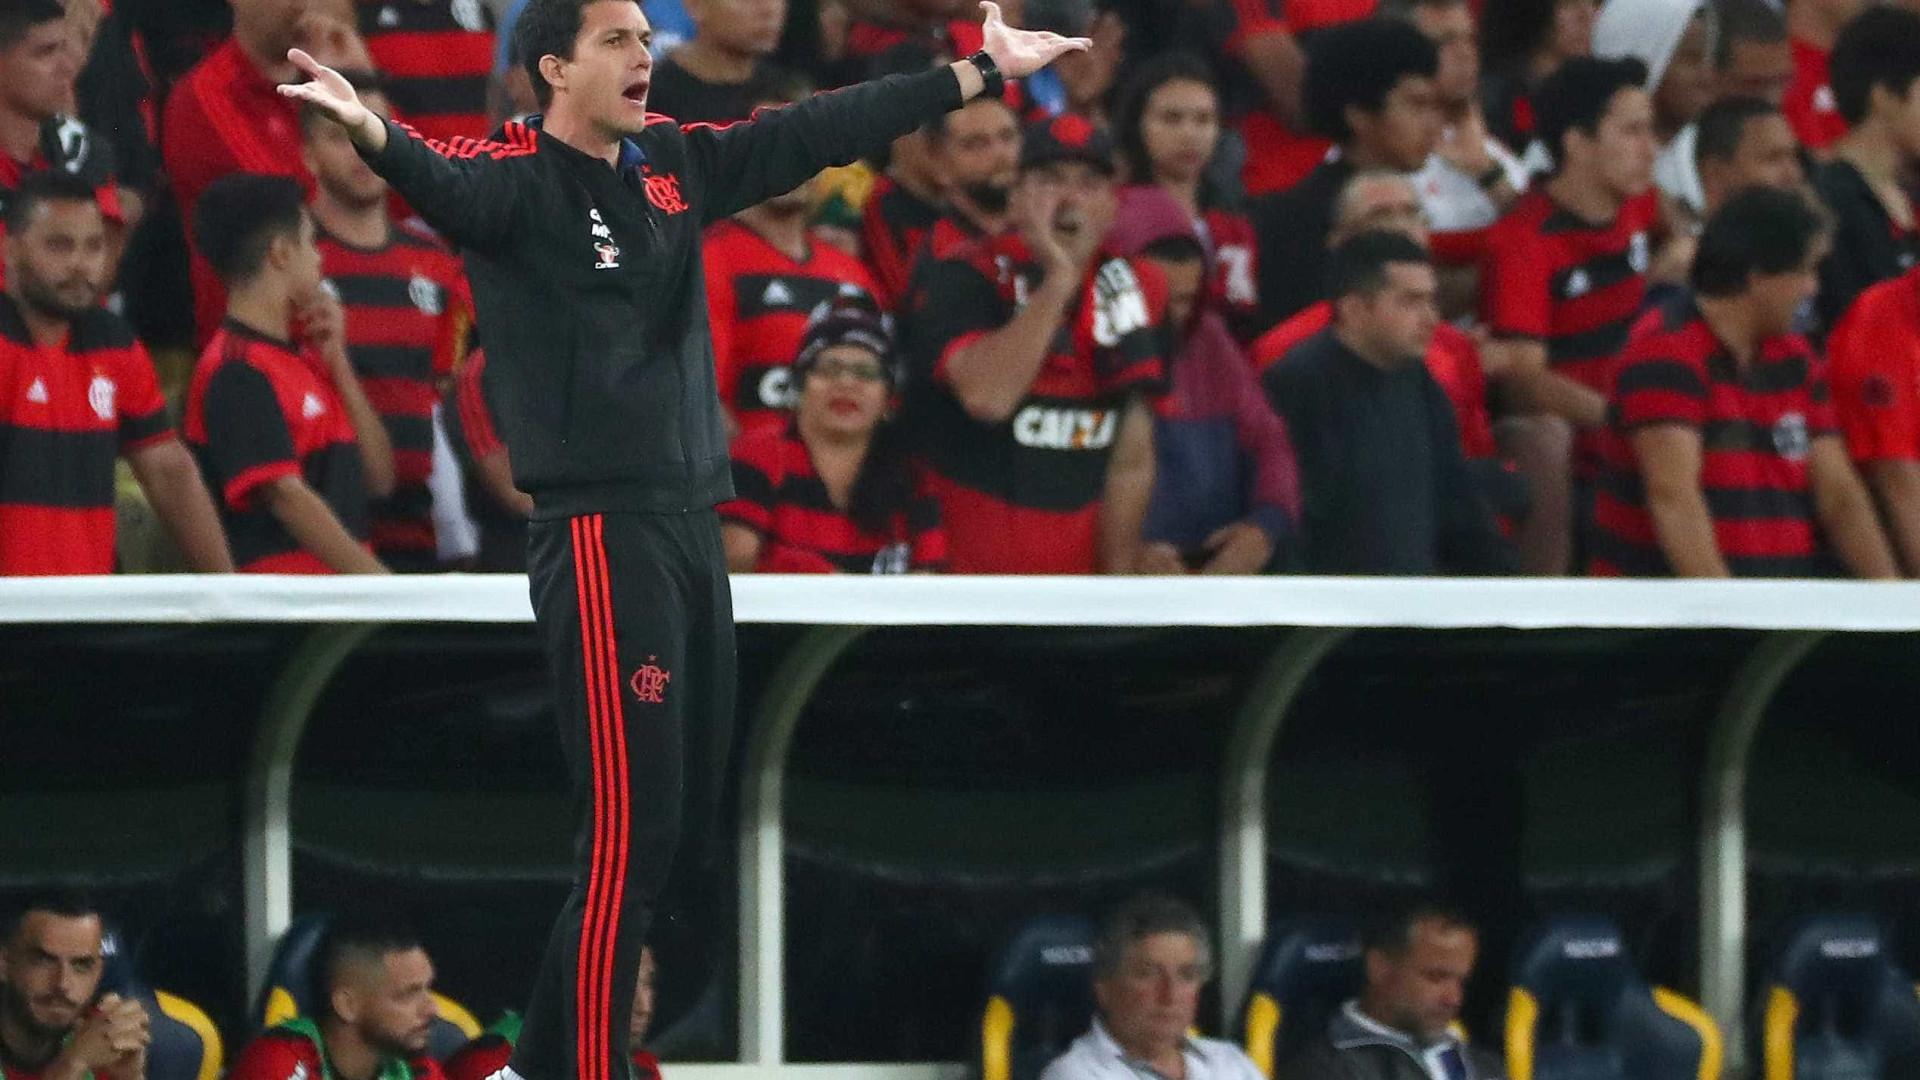 Barbieri espera acertar o Flamengo após clássico contra o Vasco